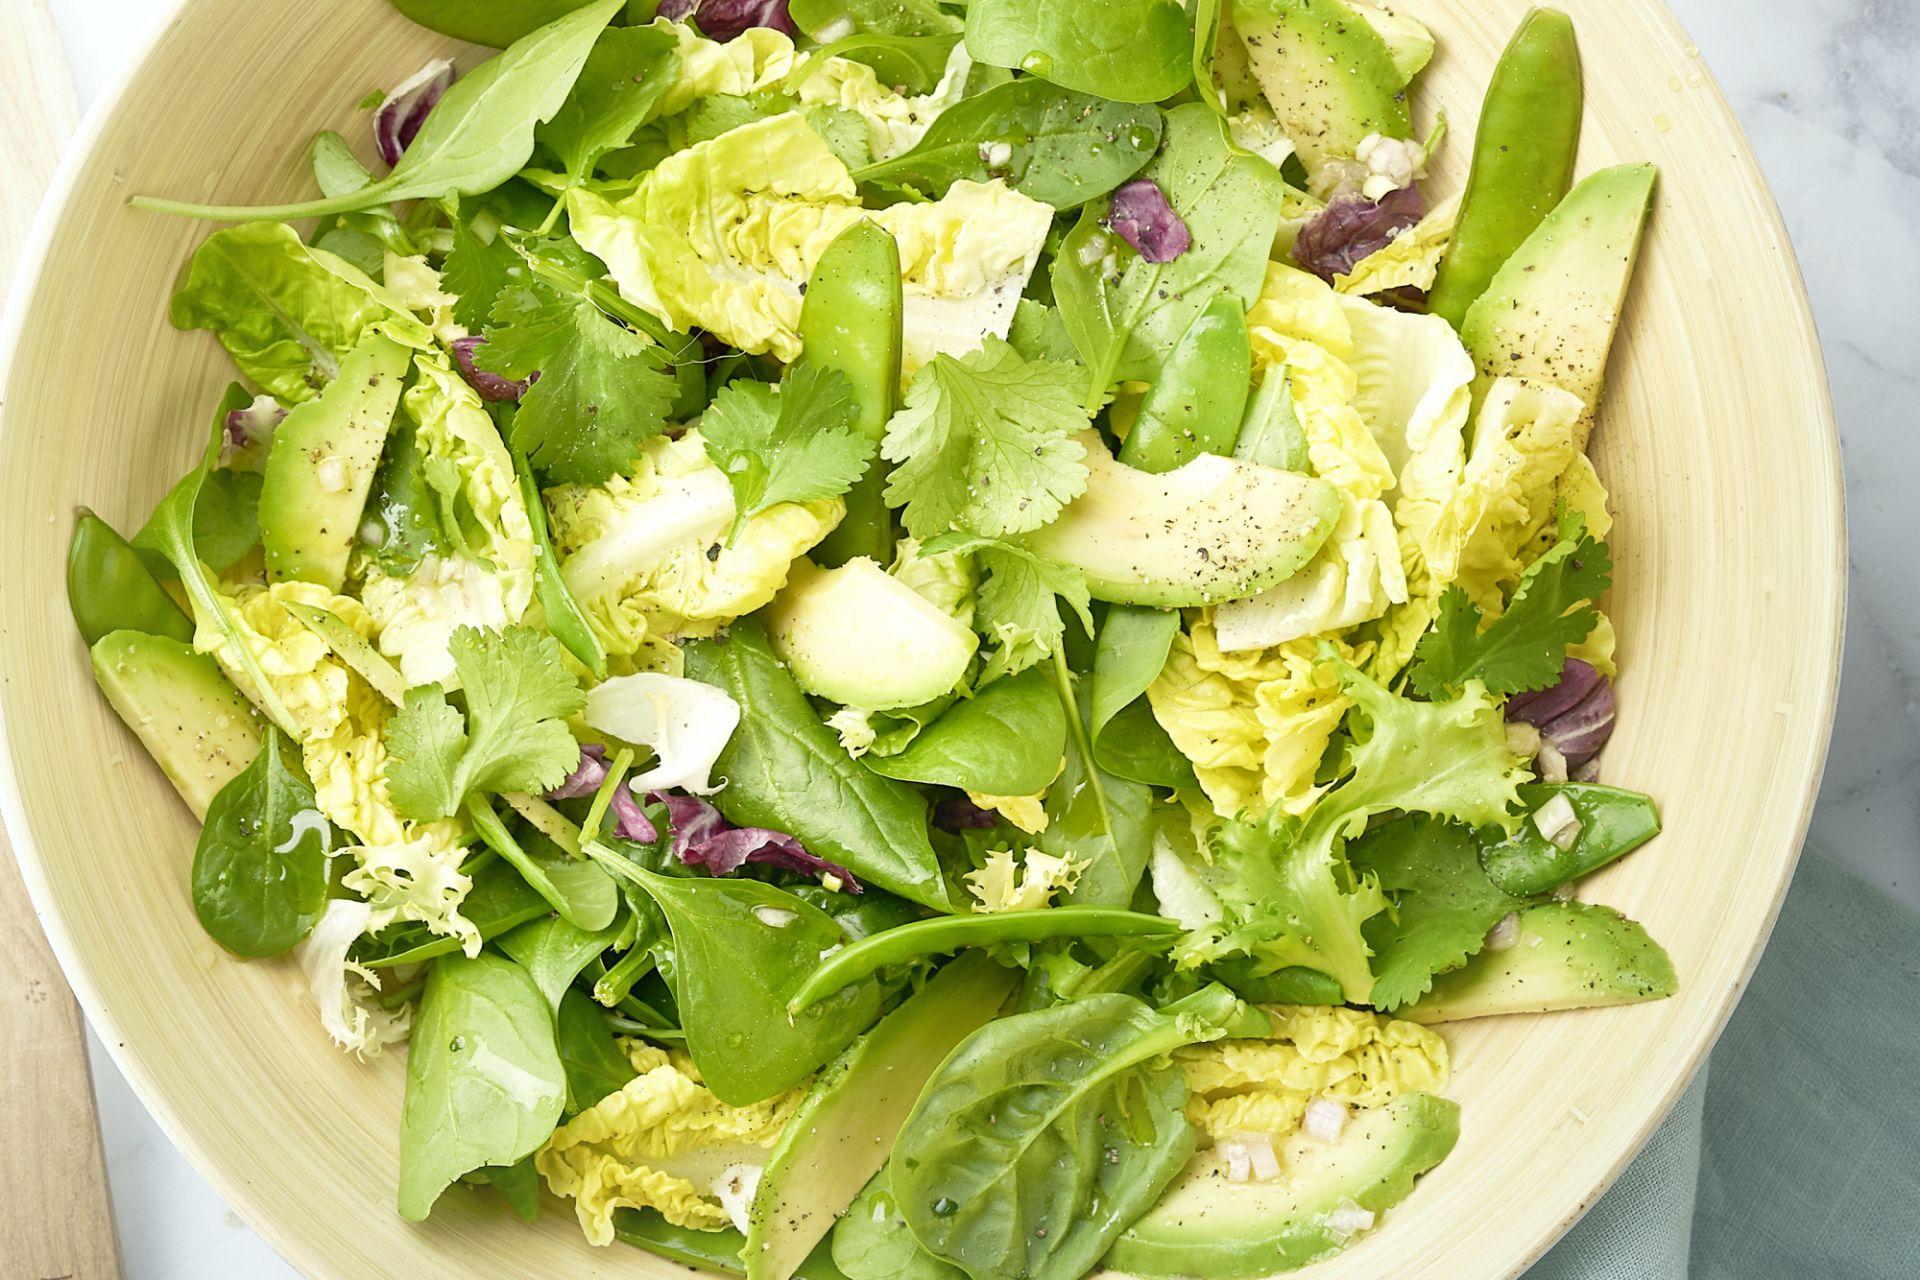 Groene salade met avocado en limoendressing